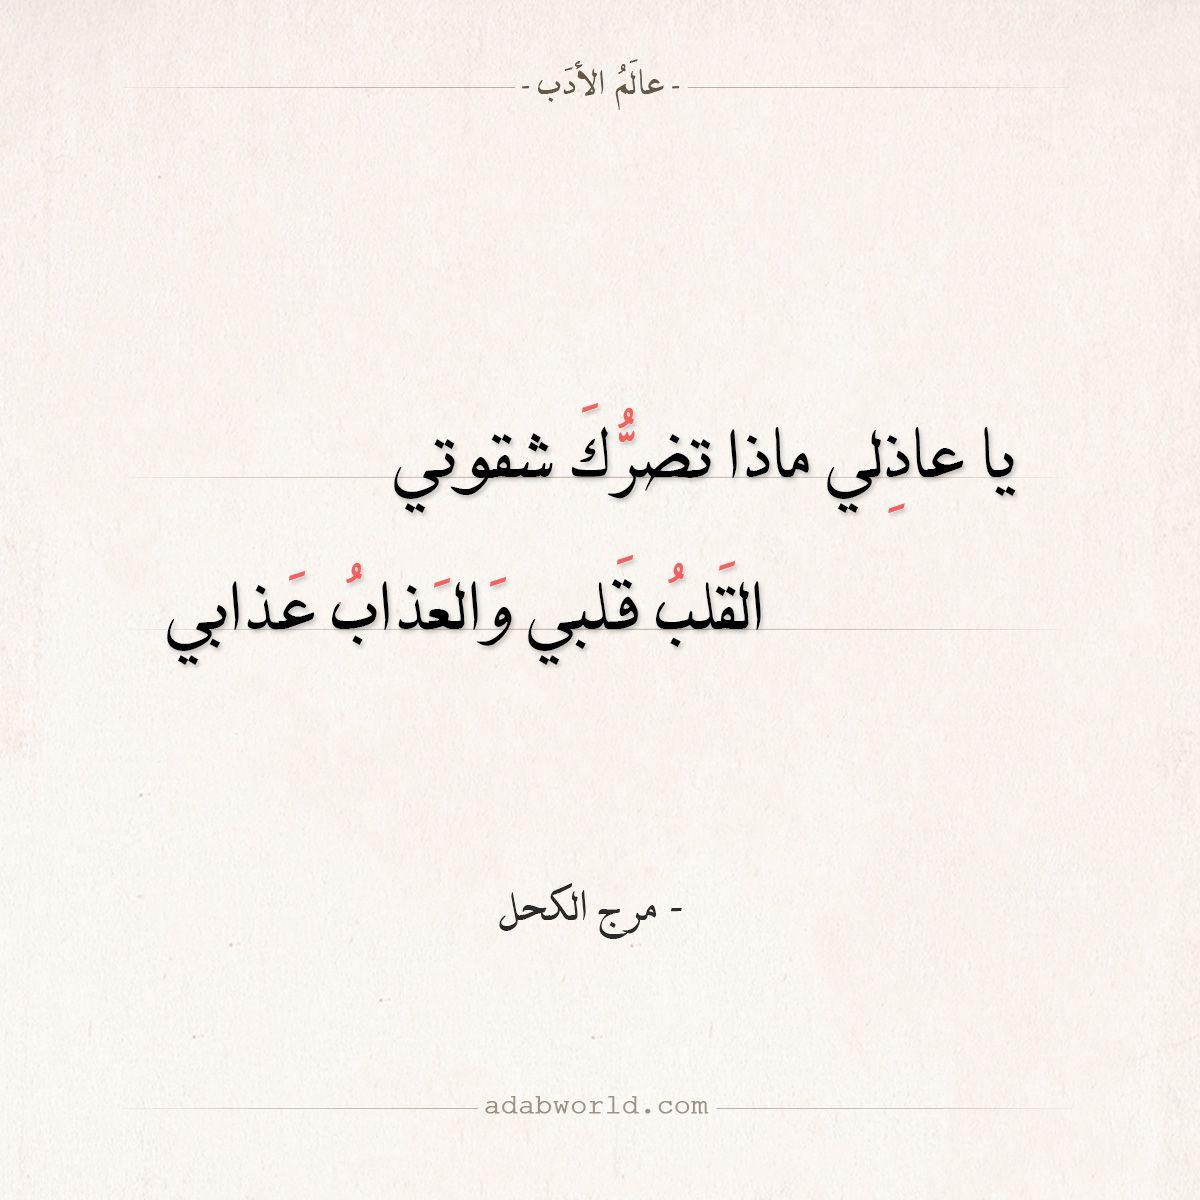 شعر مرج الكحل يا عاذلي ماذا تضرك شقوتي عالم الأدب Words Quotes Quotes Words